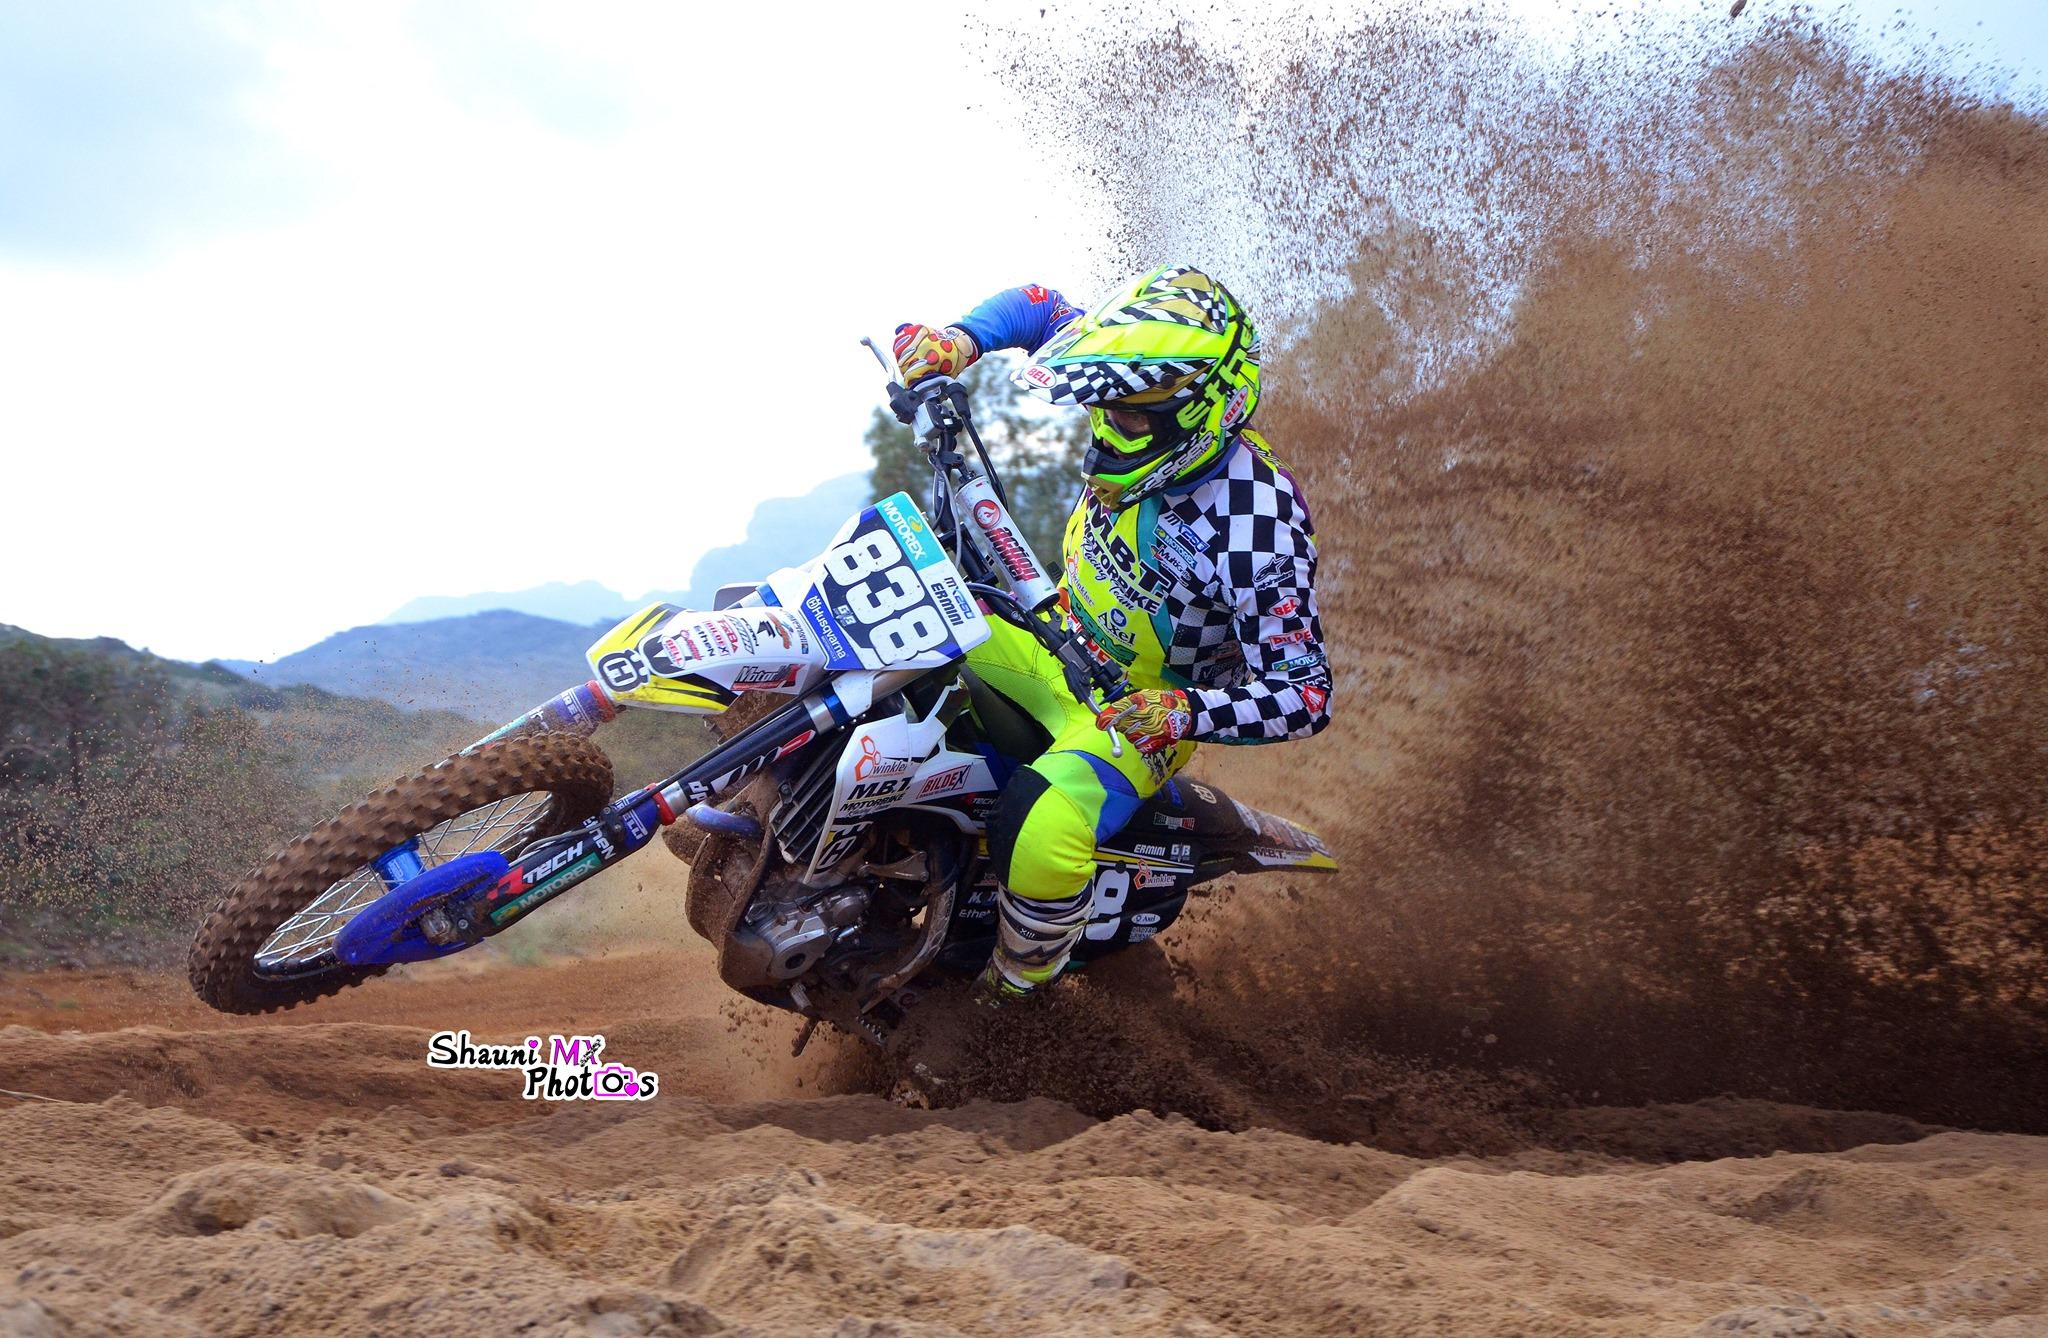 Moto motocross mx2 husqvarna mx italiano